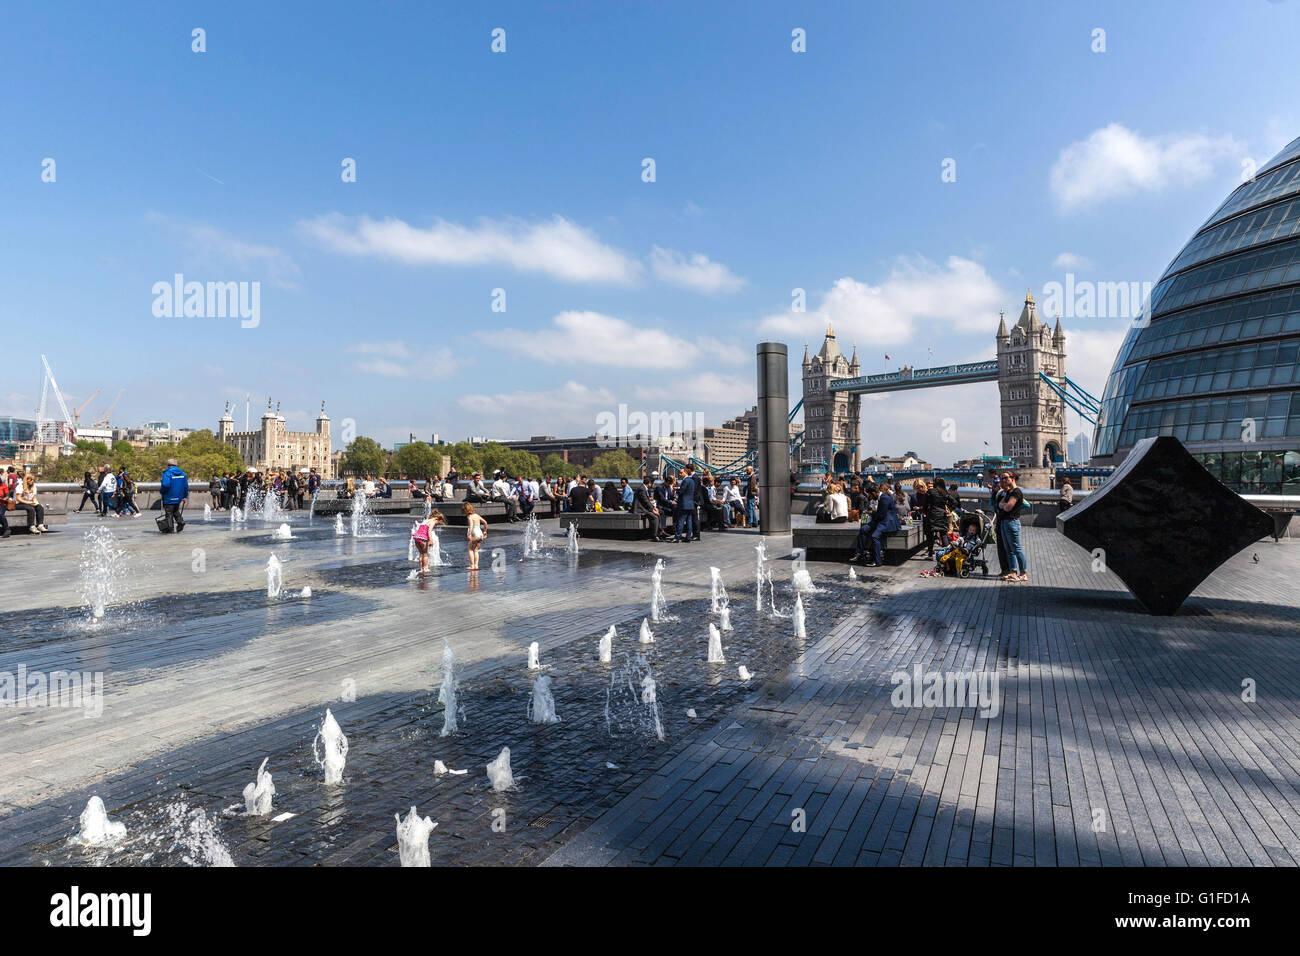 L'eau des fontaines, plus London Borough of Southwark, Londres, Angleterre, SE1, UK Photo Stock